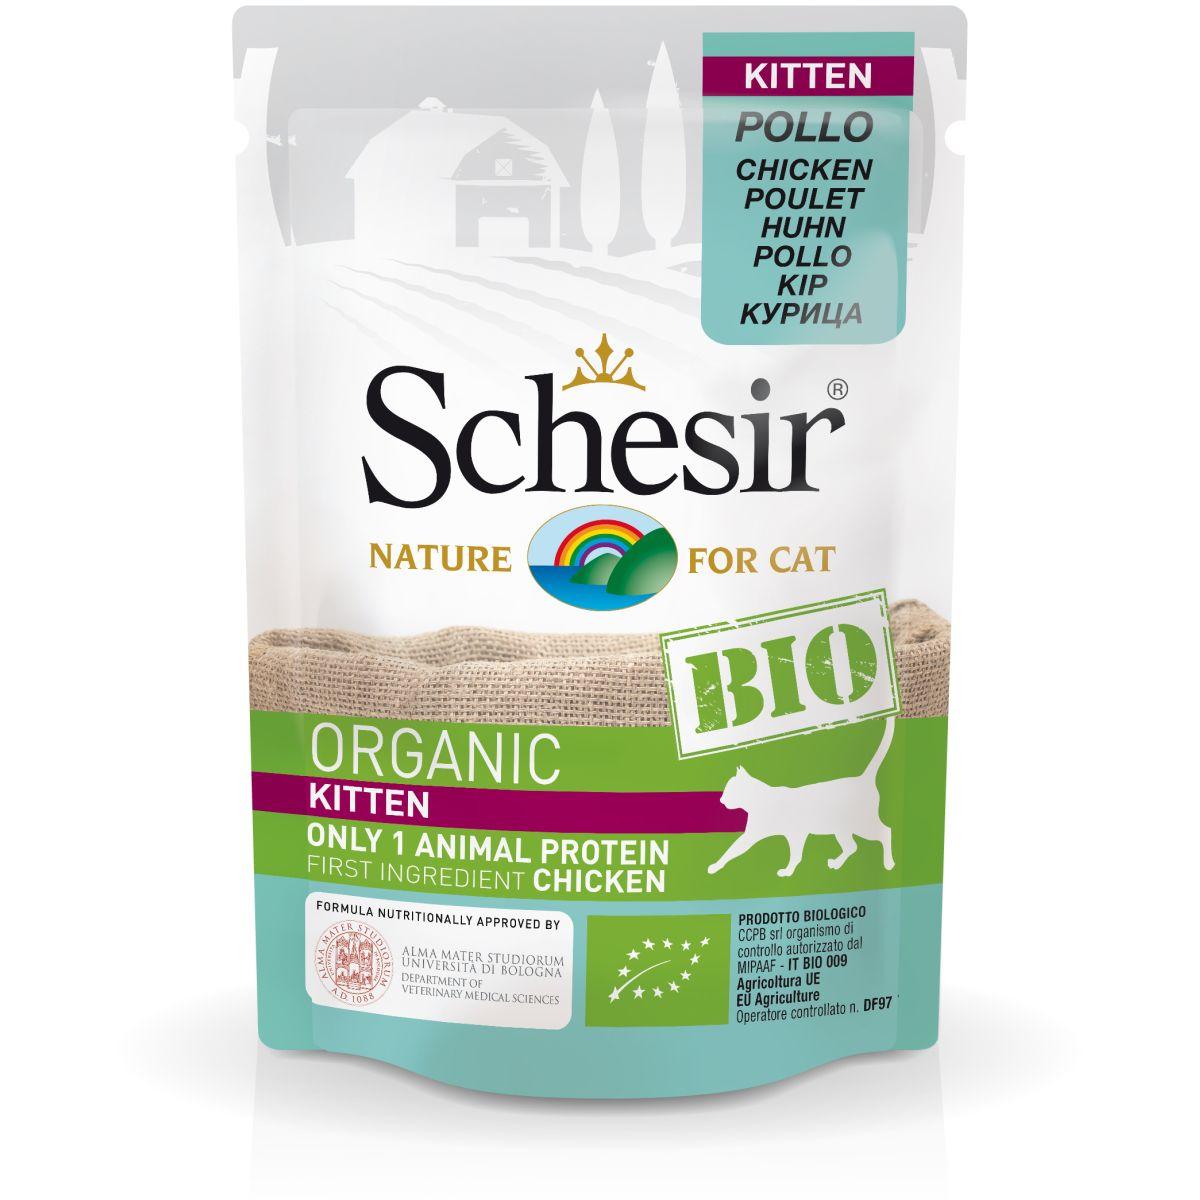 Schesir BIO Organic Kitten